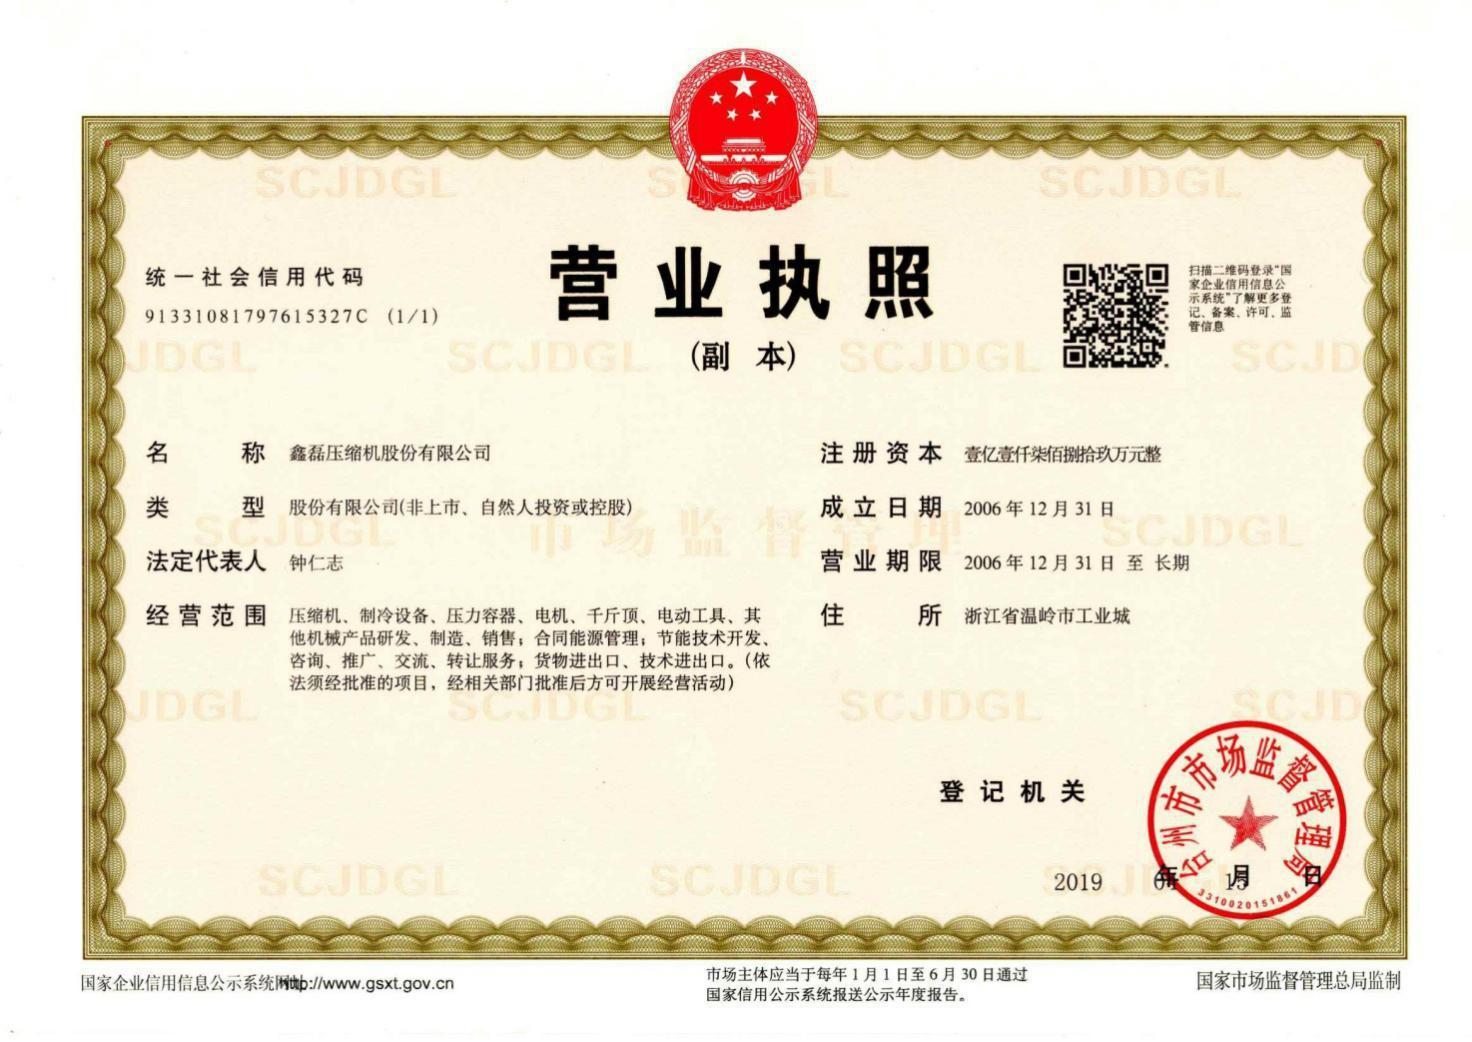 空压机生产厂家营业执照